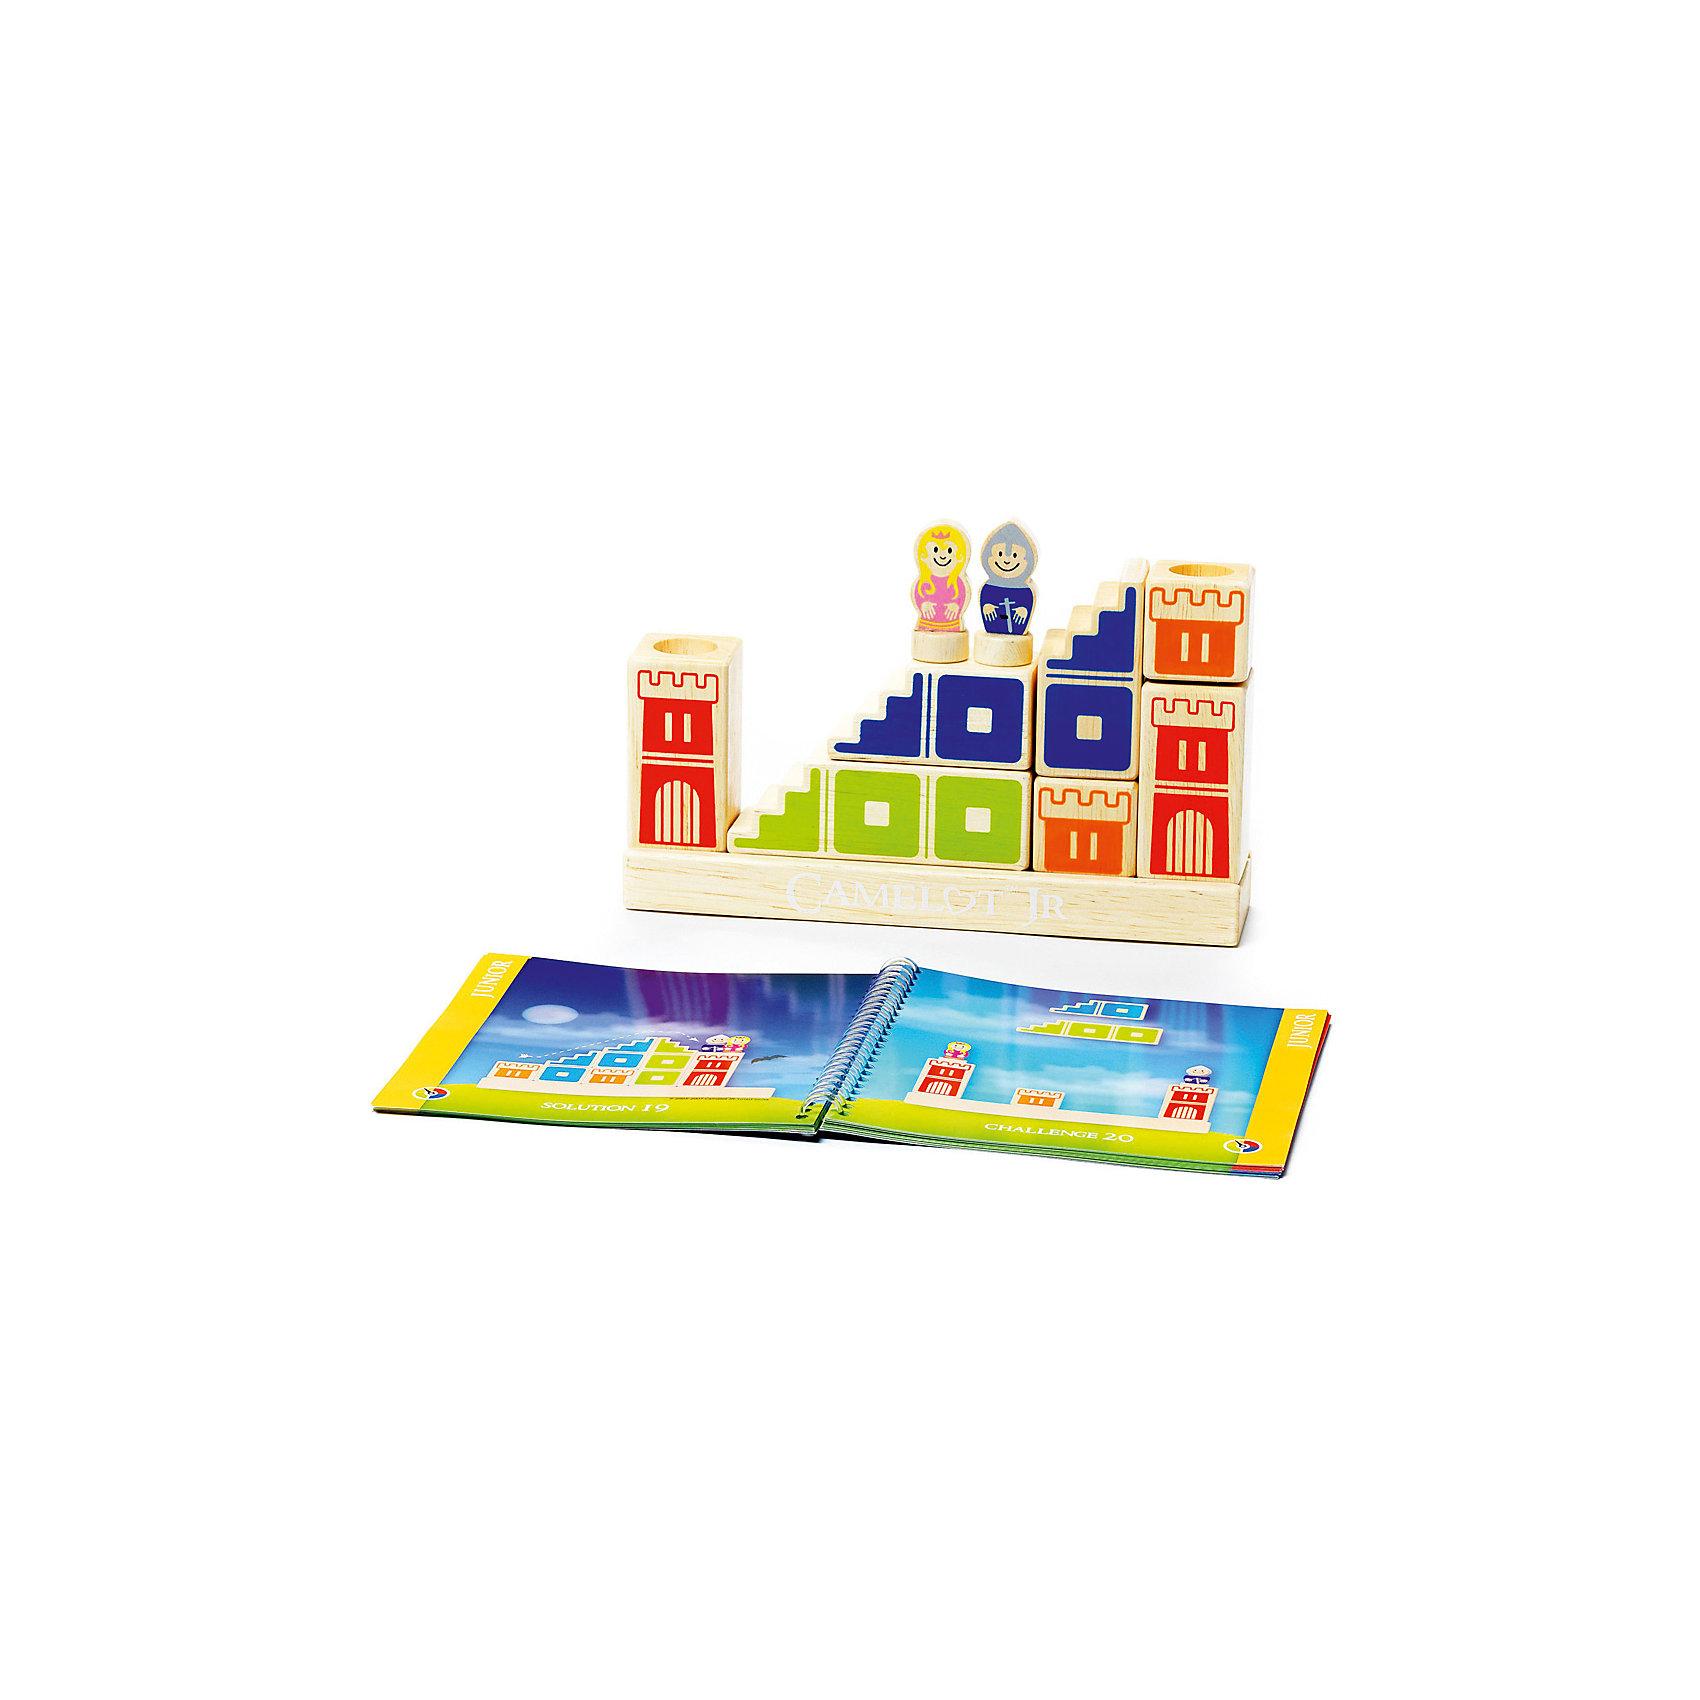 Логическая игра Камелот, BondibonХарактеристики:<br><br>• Вид игр: игра-конструктор<br>• Пол: универсальный<br>• Материал: дерево, бумага, картон<br>• Количество игроков: 1<br>• Количество уровней сложности: 4<br>• Количество заданий: 48<br>• Размер (Д*Ш*В): 24*5*24 см<br>• Вес: 1 кг 014 г<br>• Комплектация: блоки для постройки замка и моста, фигурка принцессы, фигурка принца, блокнот с заданиями, инструкция<br><br>Логическая игра Камелот, Bondibon – это настольная игра от всемирно известного производителя детских игр развивающей и обучающей направленности. Smart Games – это серия логических игр, предназначенная для одного игрока с несколькими уровнями сложности и множеством заданий. Цель игры Камелот заключается в том, чтобы помочь добраться принцу до принцессы, построив замок, башни и мост в соответствии с заданием, указанным в карточке. Элементы игры выполнены из качественного обработанного дерева, упакованы в картонную коробку. В комплекте имеется инструкция с правилами игры и буклет с заданиями.<br><br>Логические игры Smart Games от Bondibon научат ребенка логическому и пространственному мышлению, концентрации внимания и выработке индивидуальной тактики решения игровых задач. Настольные игры от Bondibon – залог развития успешности вашего ребенка в будущем! <br><br>Логическую игру Камелот, Bondibon можно купить в нашем интернет-магазине.<br><br>Ширина мм: 240<br>Глубина мм: 50<br>Высота мм: 240<br>Вес г: 950<br>Возраст от месяцев: 48<br>Возраст до месяцев: 108<br>Пол: Унисекс<br>Возраст: Детский<br>SKU: 5121957